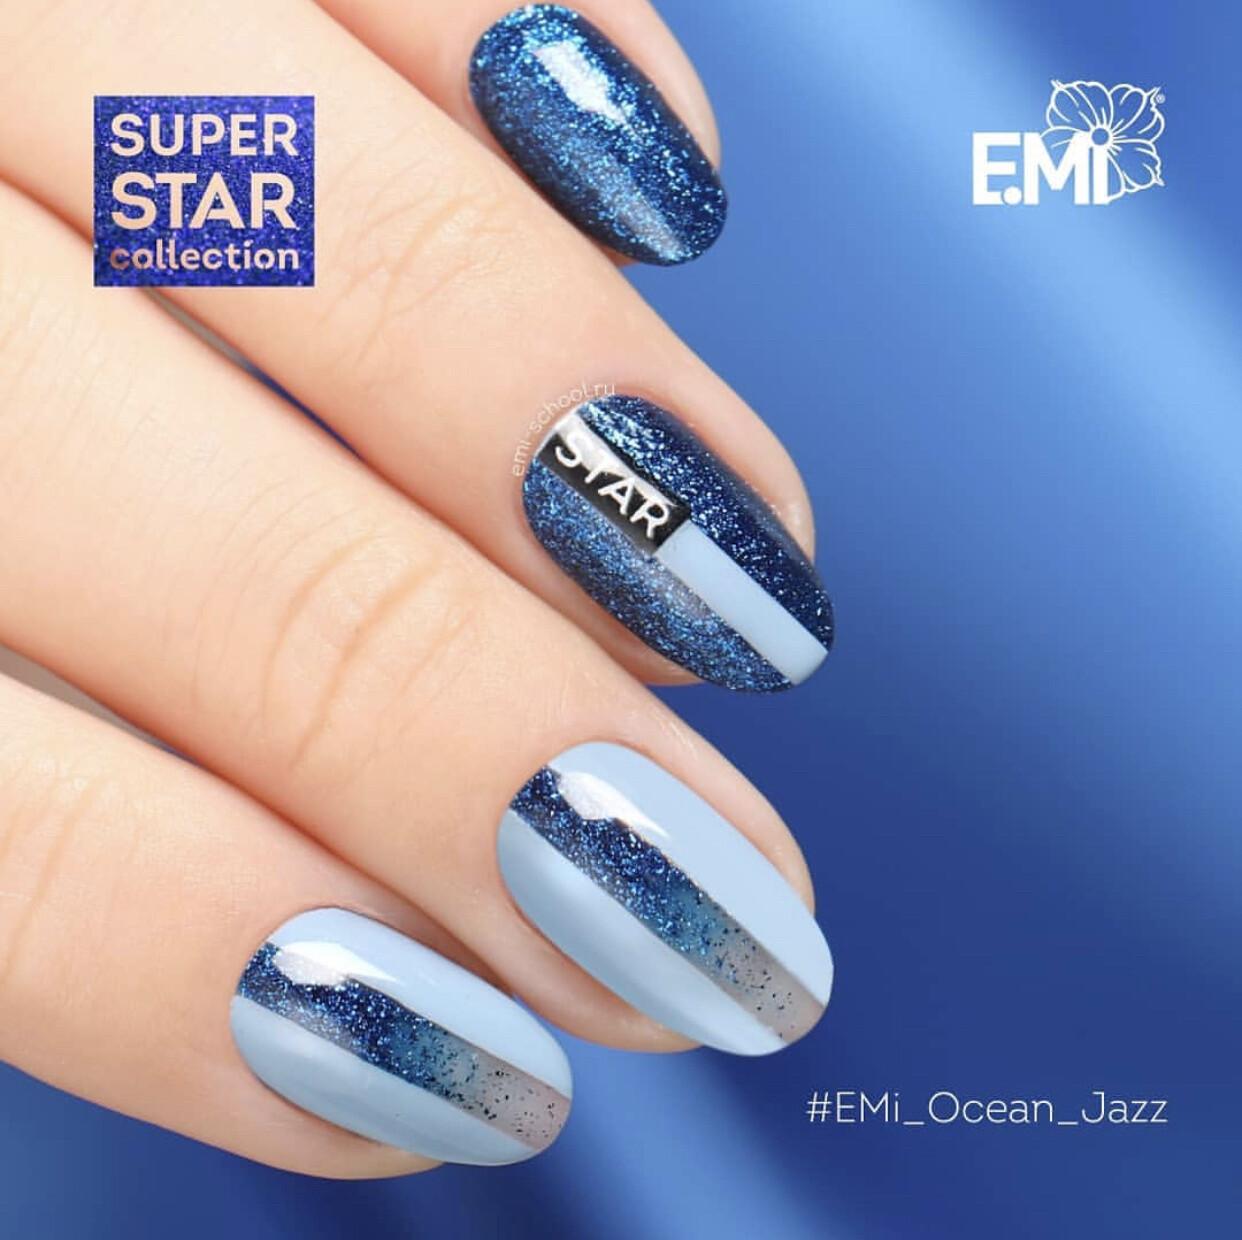 Super Star Ocean Jazz, 5 ml.